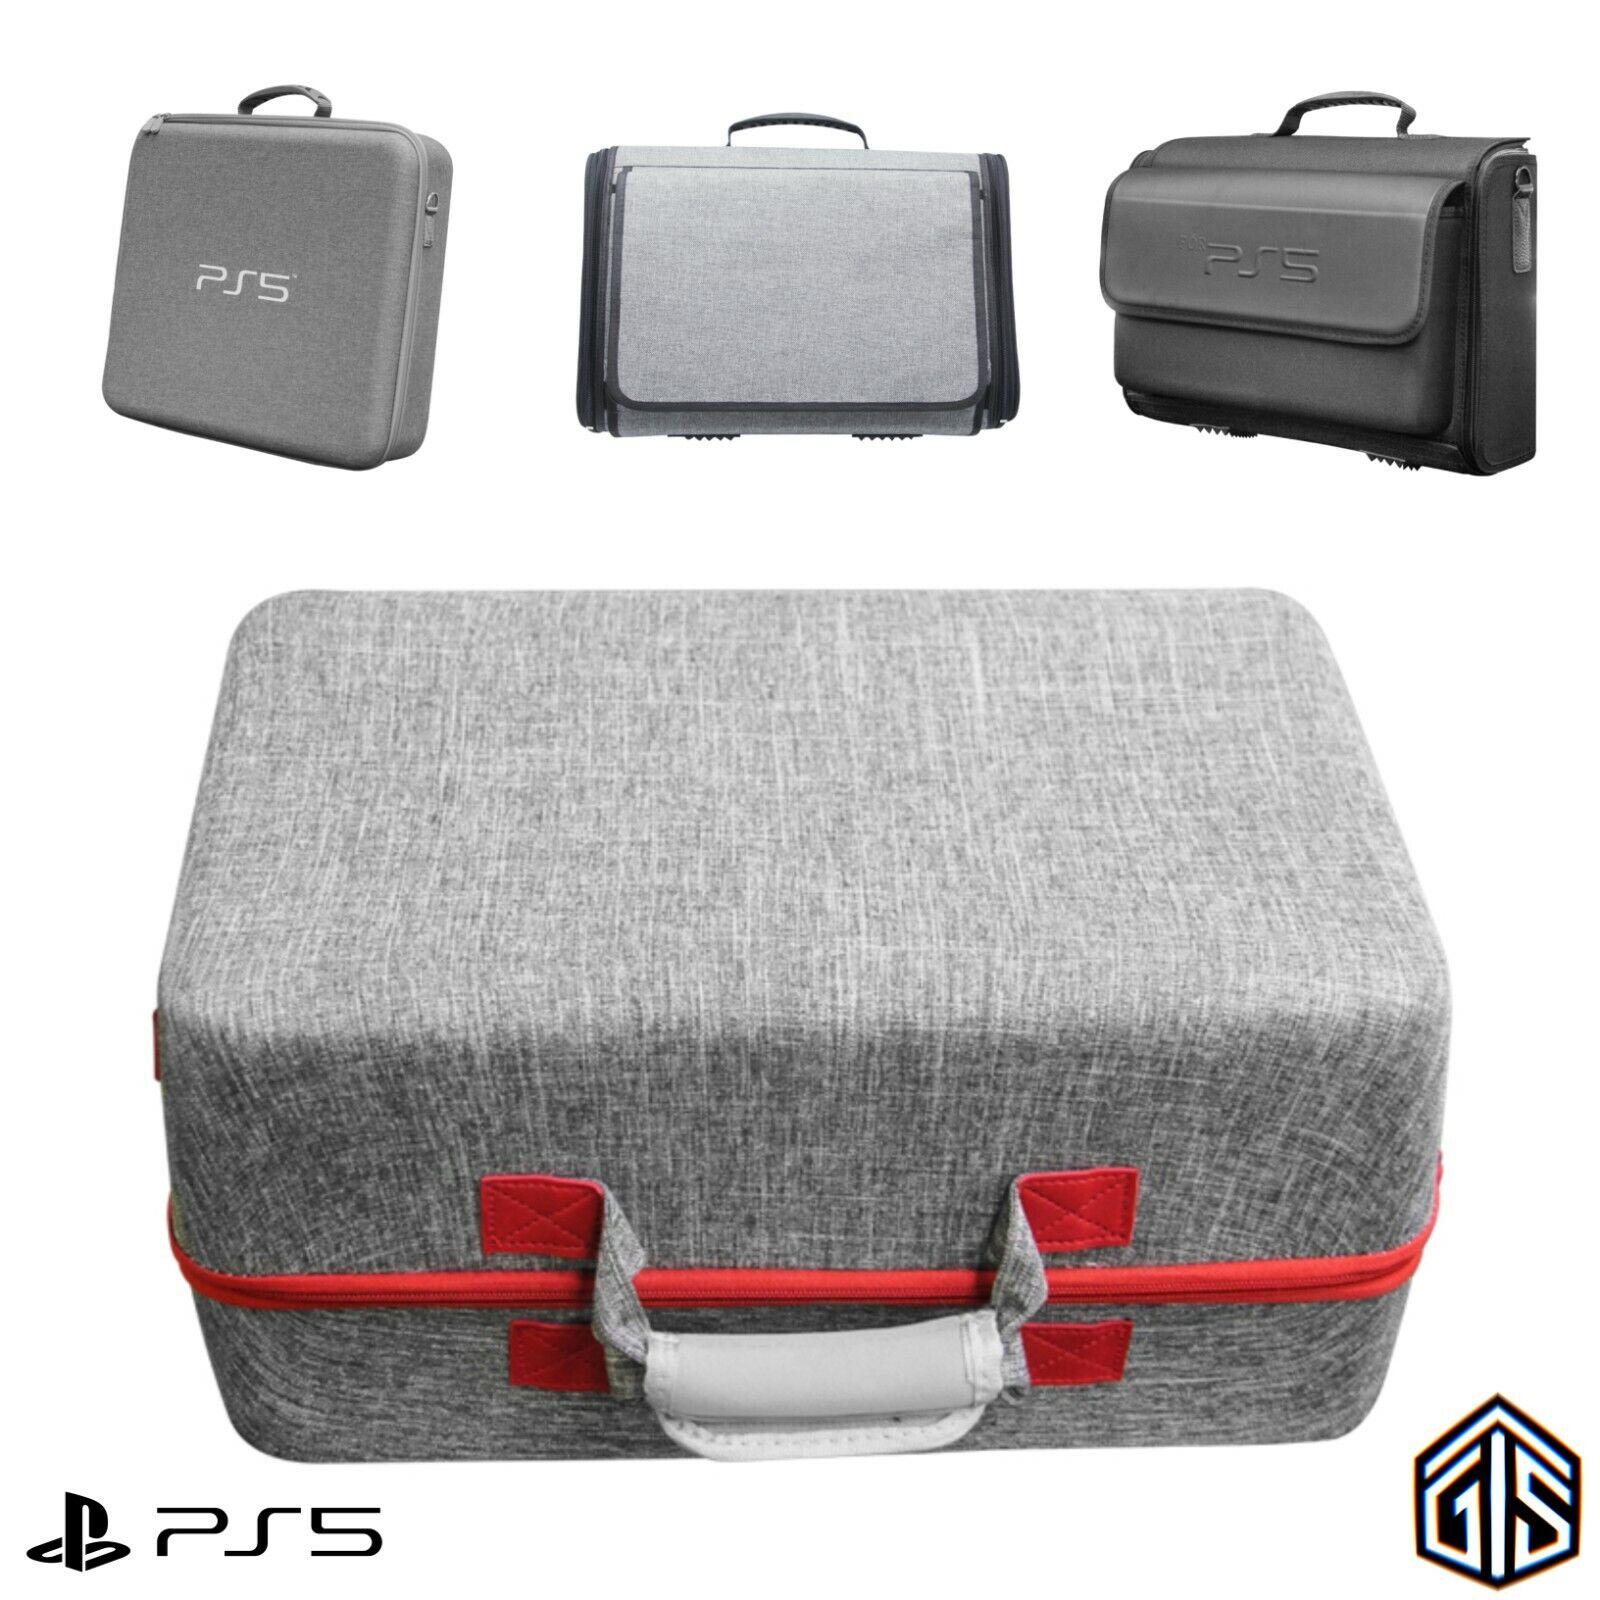 PlayStation 5 Travel Carry Case Strong Shoulder Bag Storage Holder For PS5